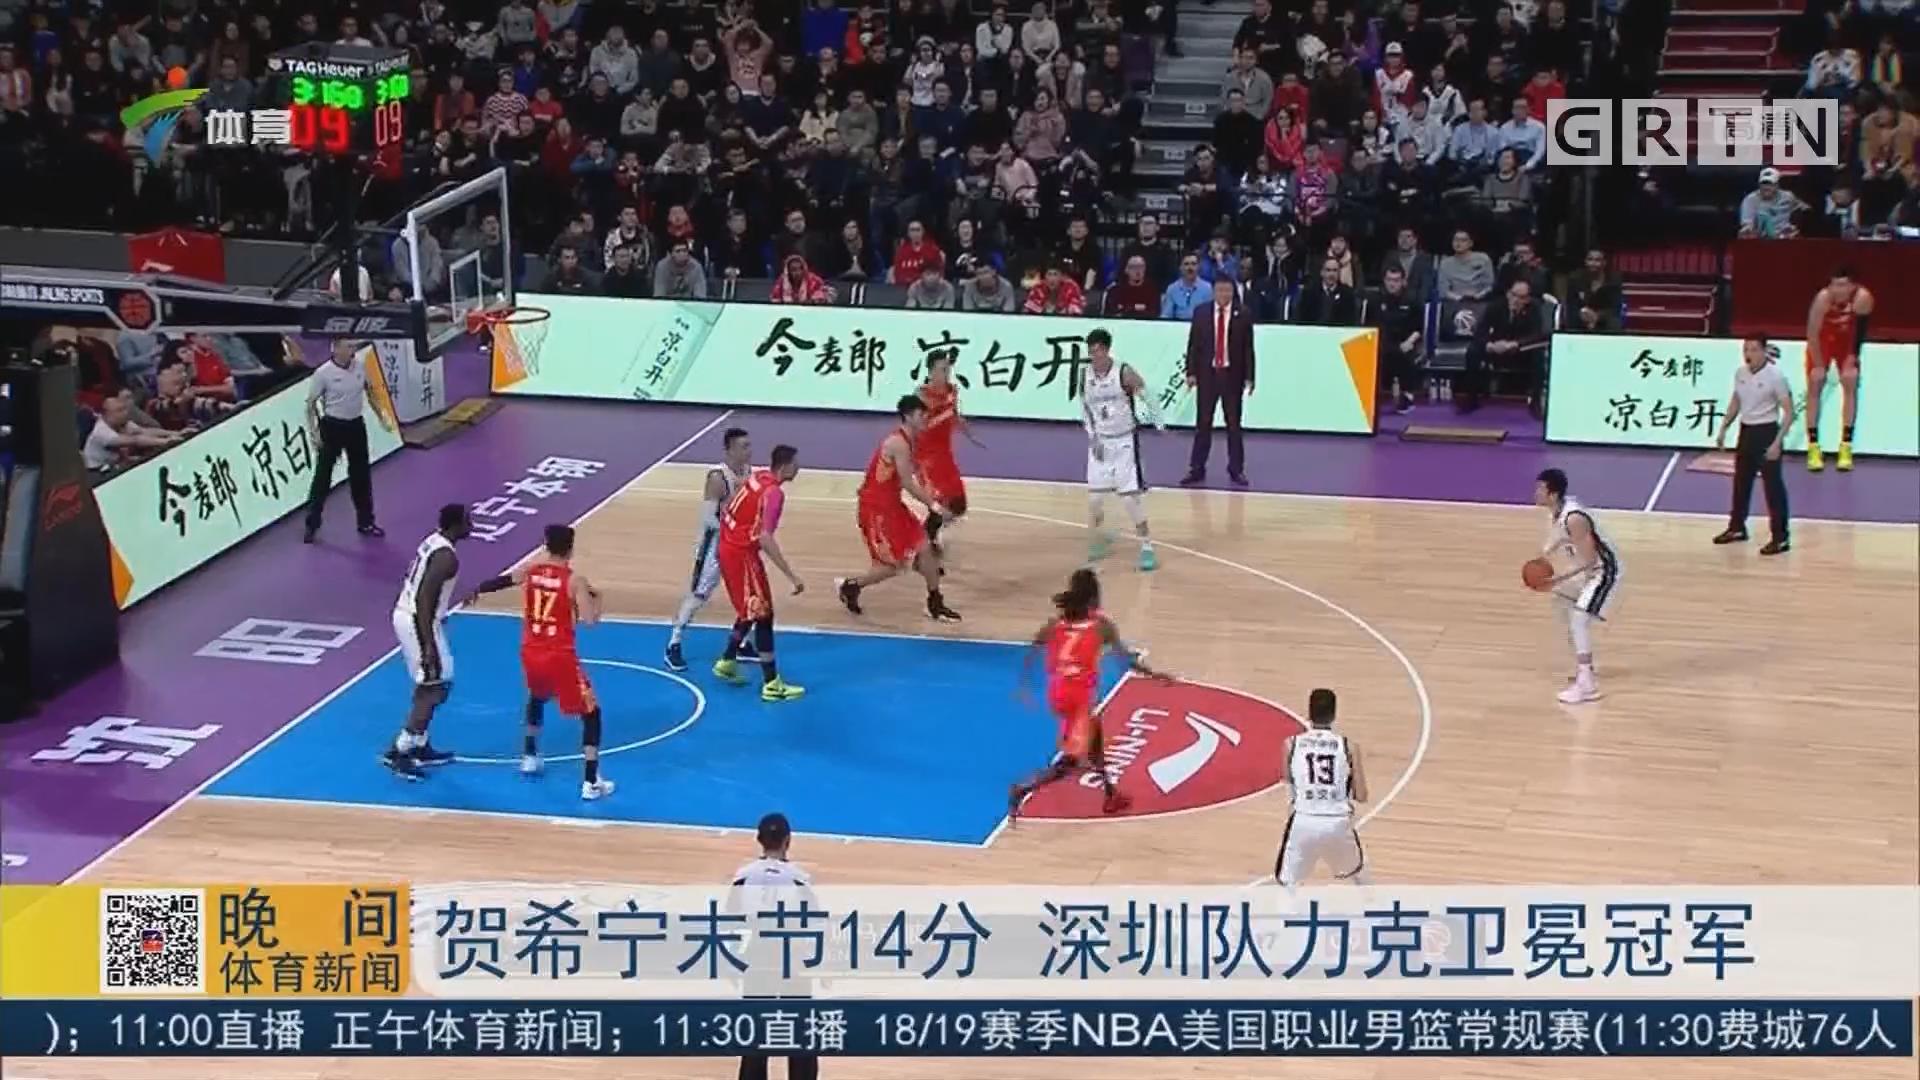 贺希宁末节14分 深圳队力克卫冕冠军